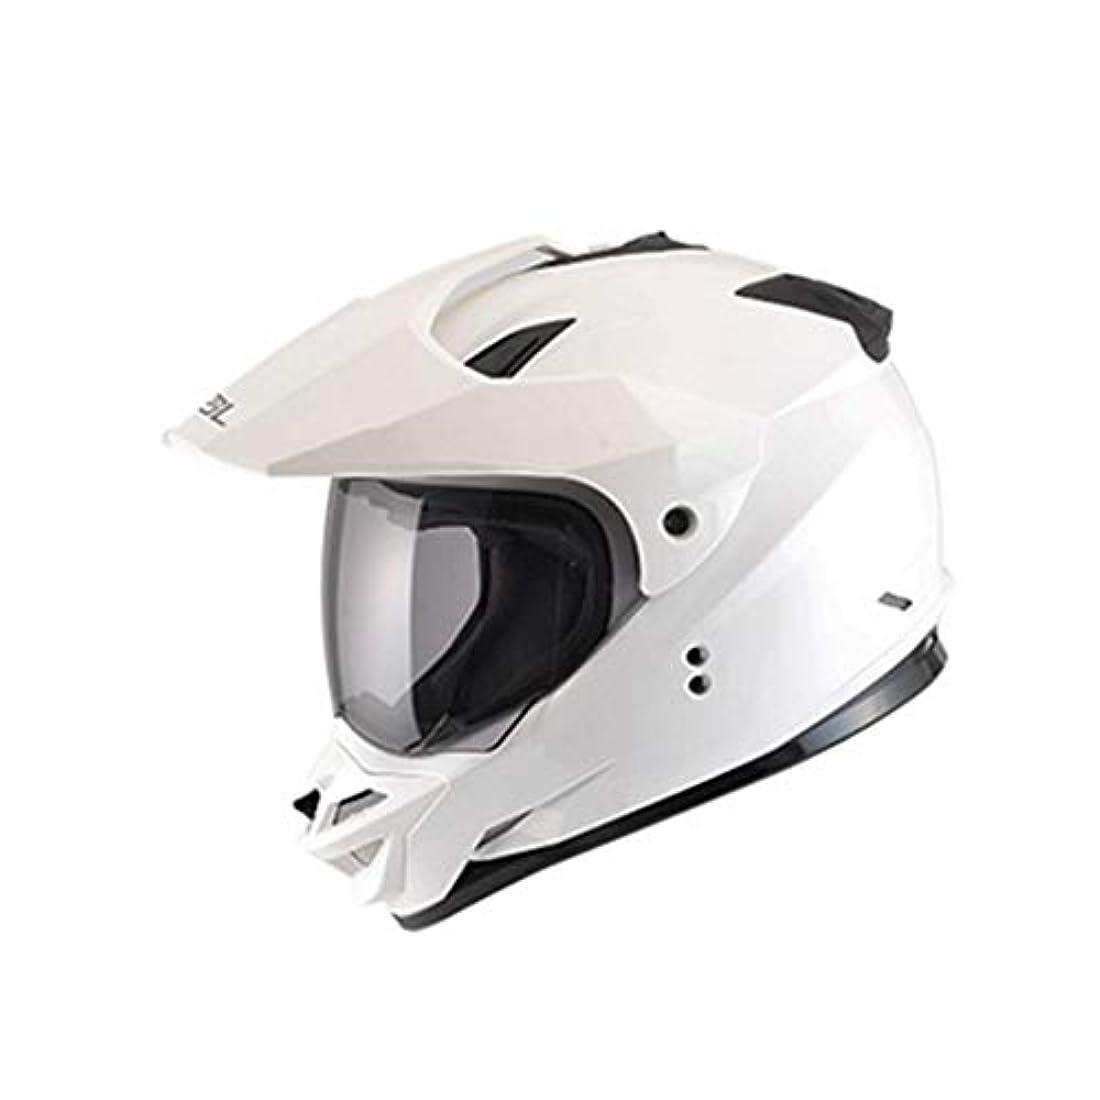 自信がある論理クリームHYH オートバイヘルメットオフロードヘルメット多機能ヘルメットレーシング機関車フルフェイスヘルメット電動オートバイヘルメット四季 - 白 いい人生 (Size : XL)